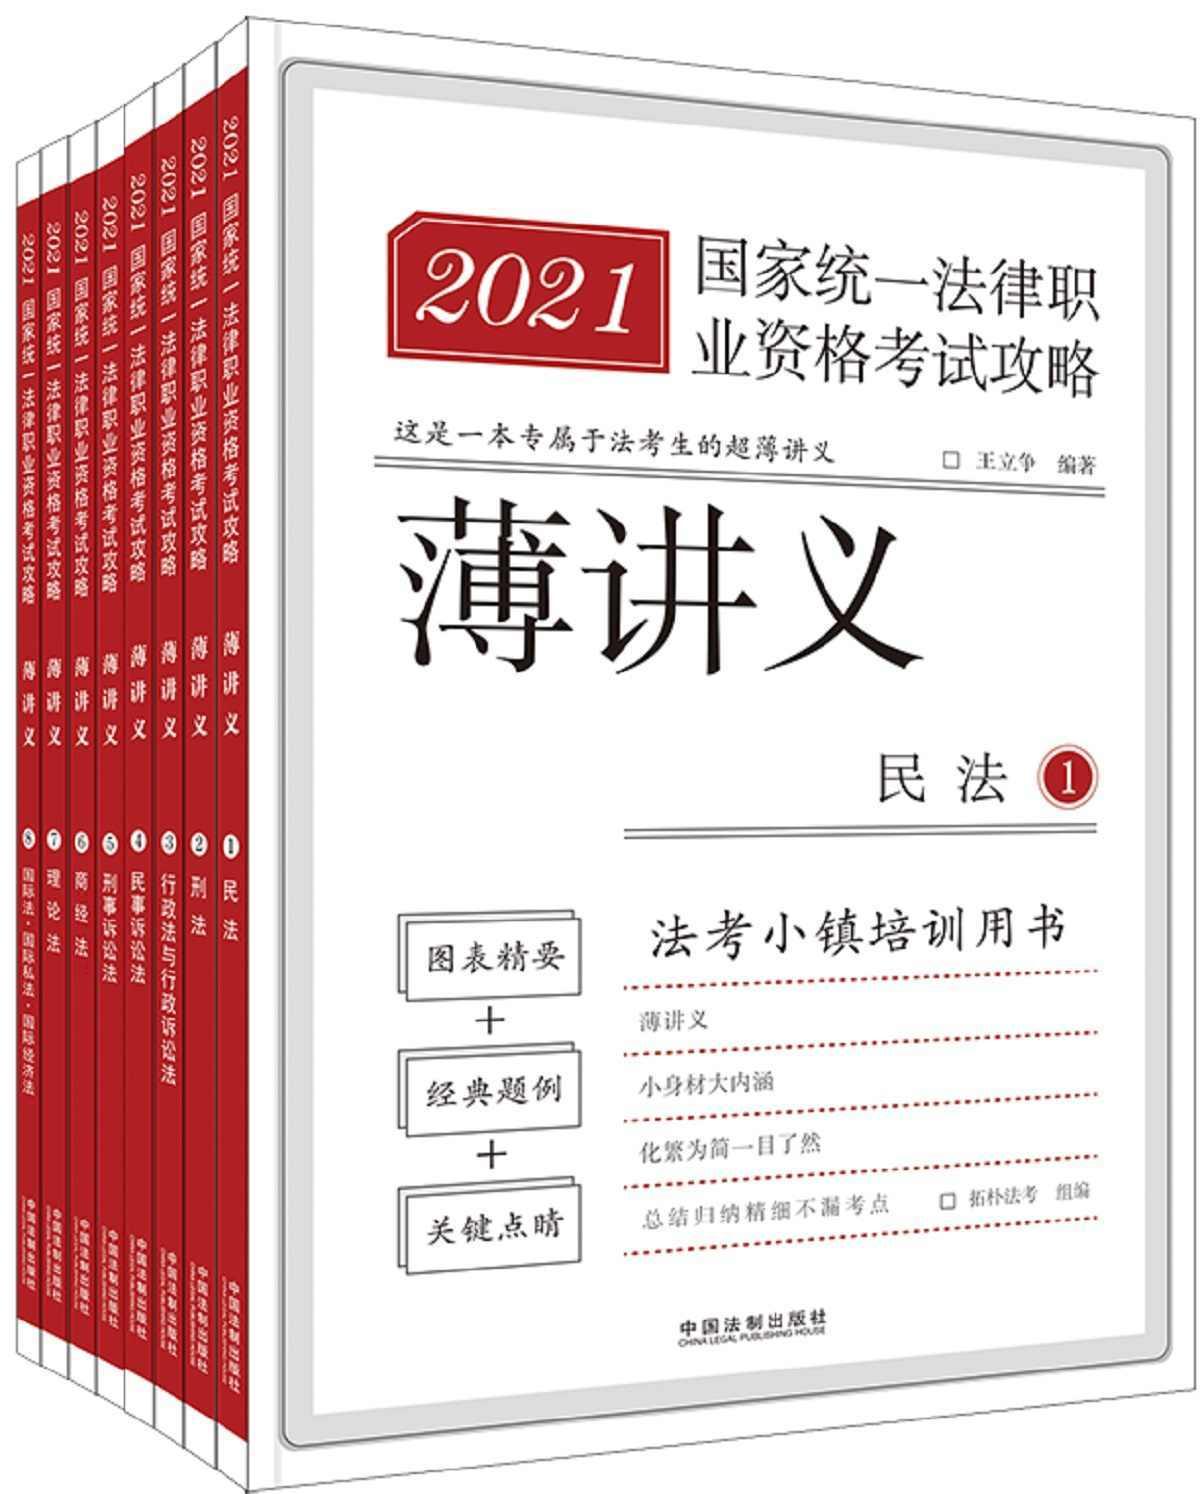 2021国家统一法律职业资格考试攻略·薄讲义(全8册)pdf-epub-mobi-txt-azw3